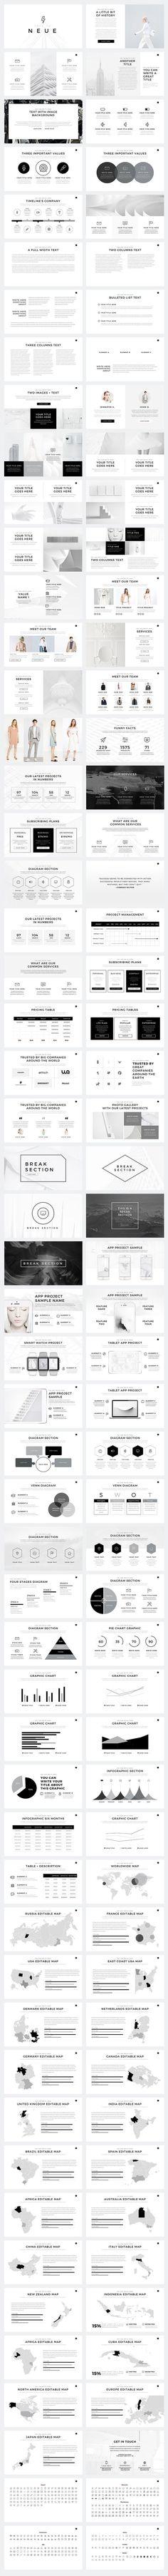 57 best presentation design inspiration images on pinterest in 2018